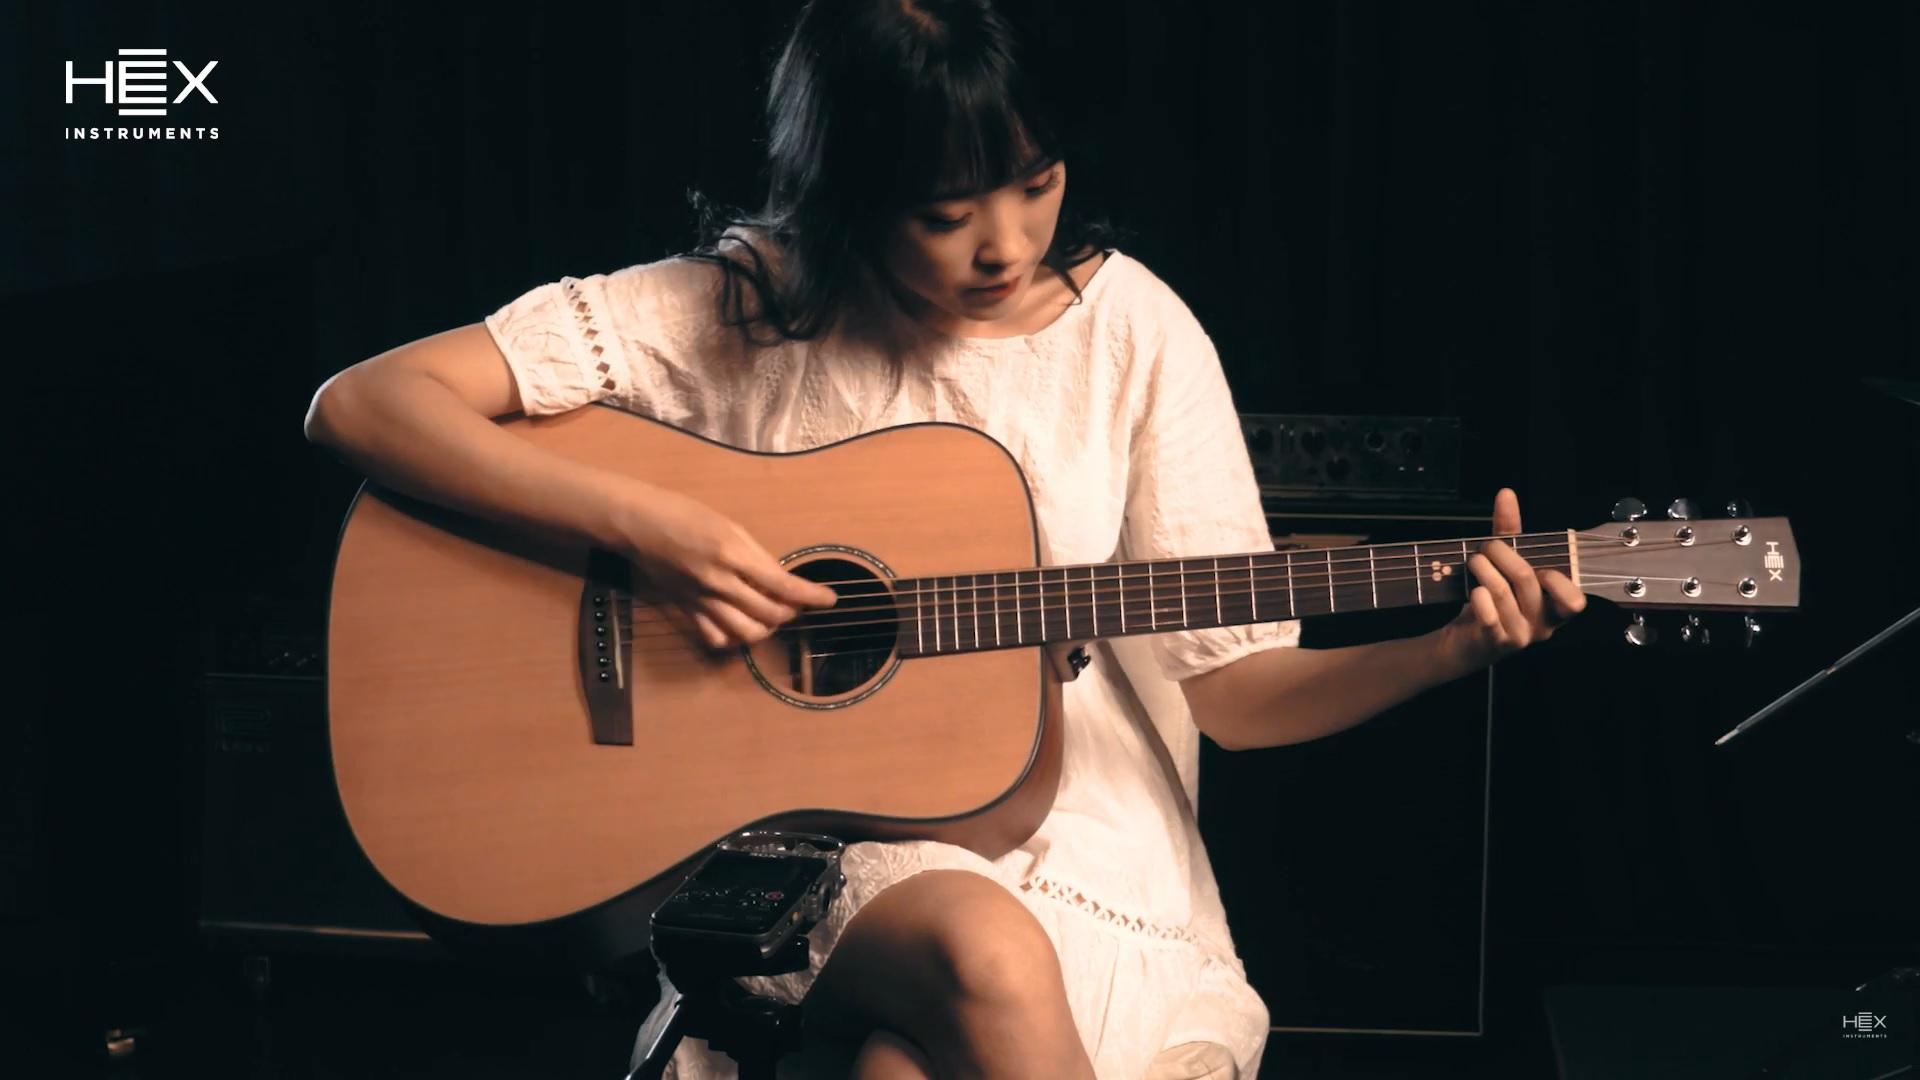 Các Loại Gỗ Thường Được Sử Dụng Để Làm Guitar HEX